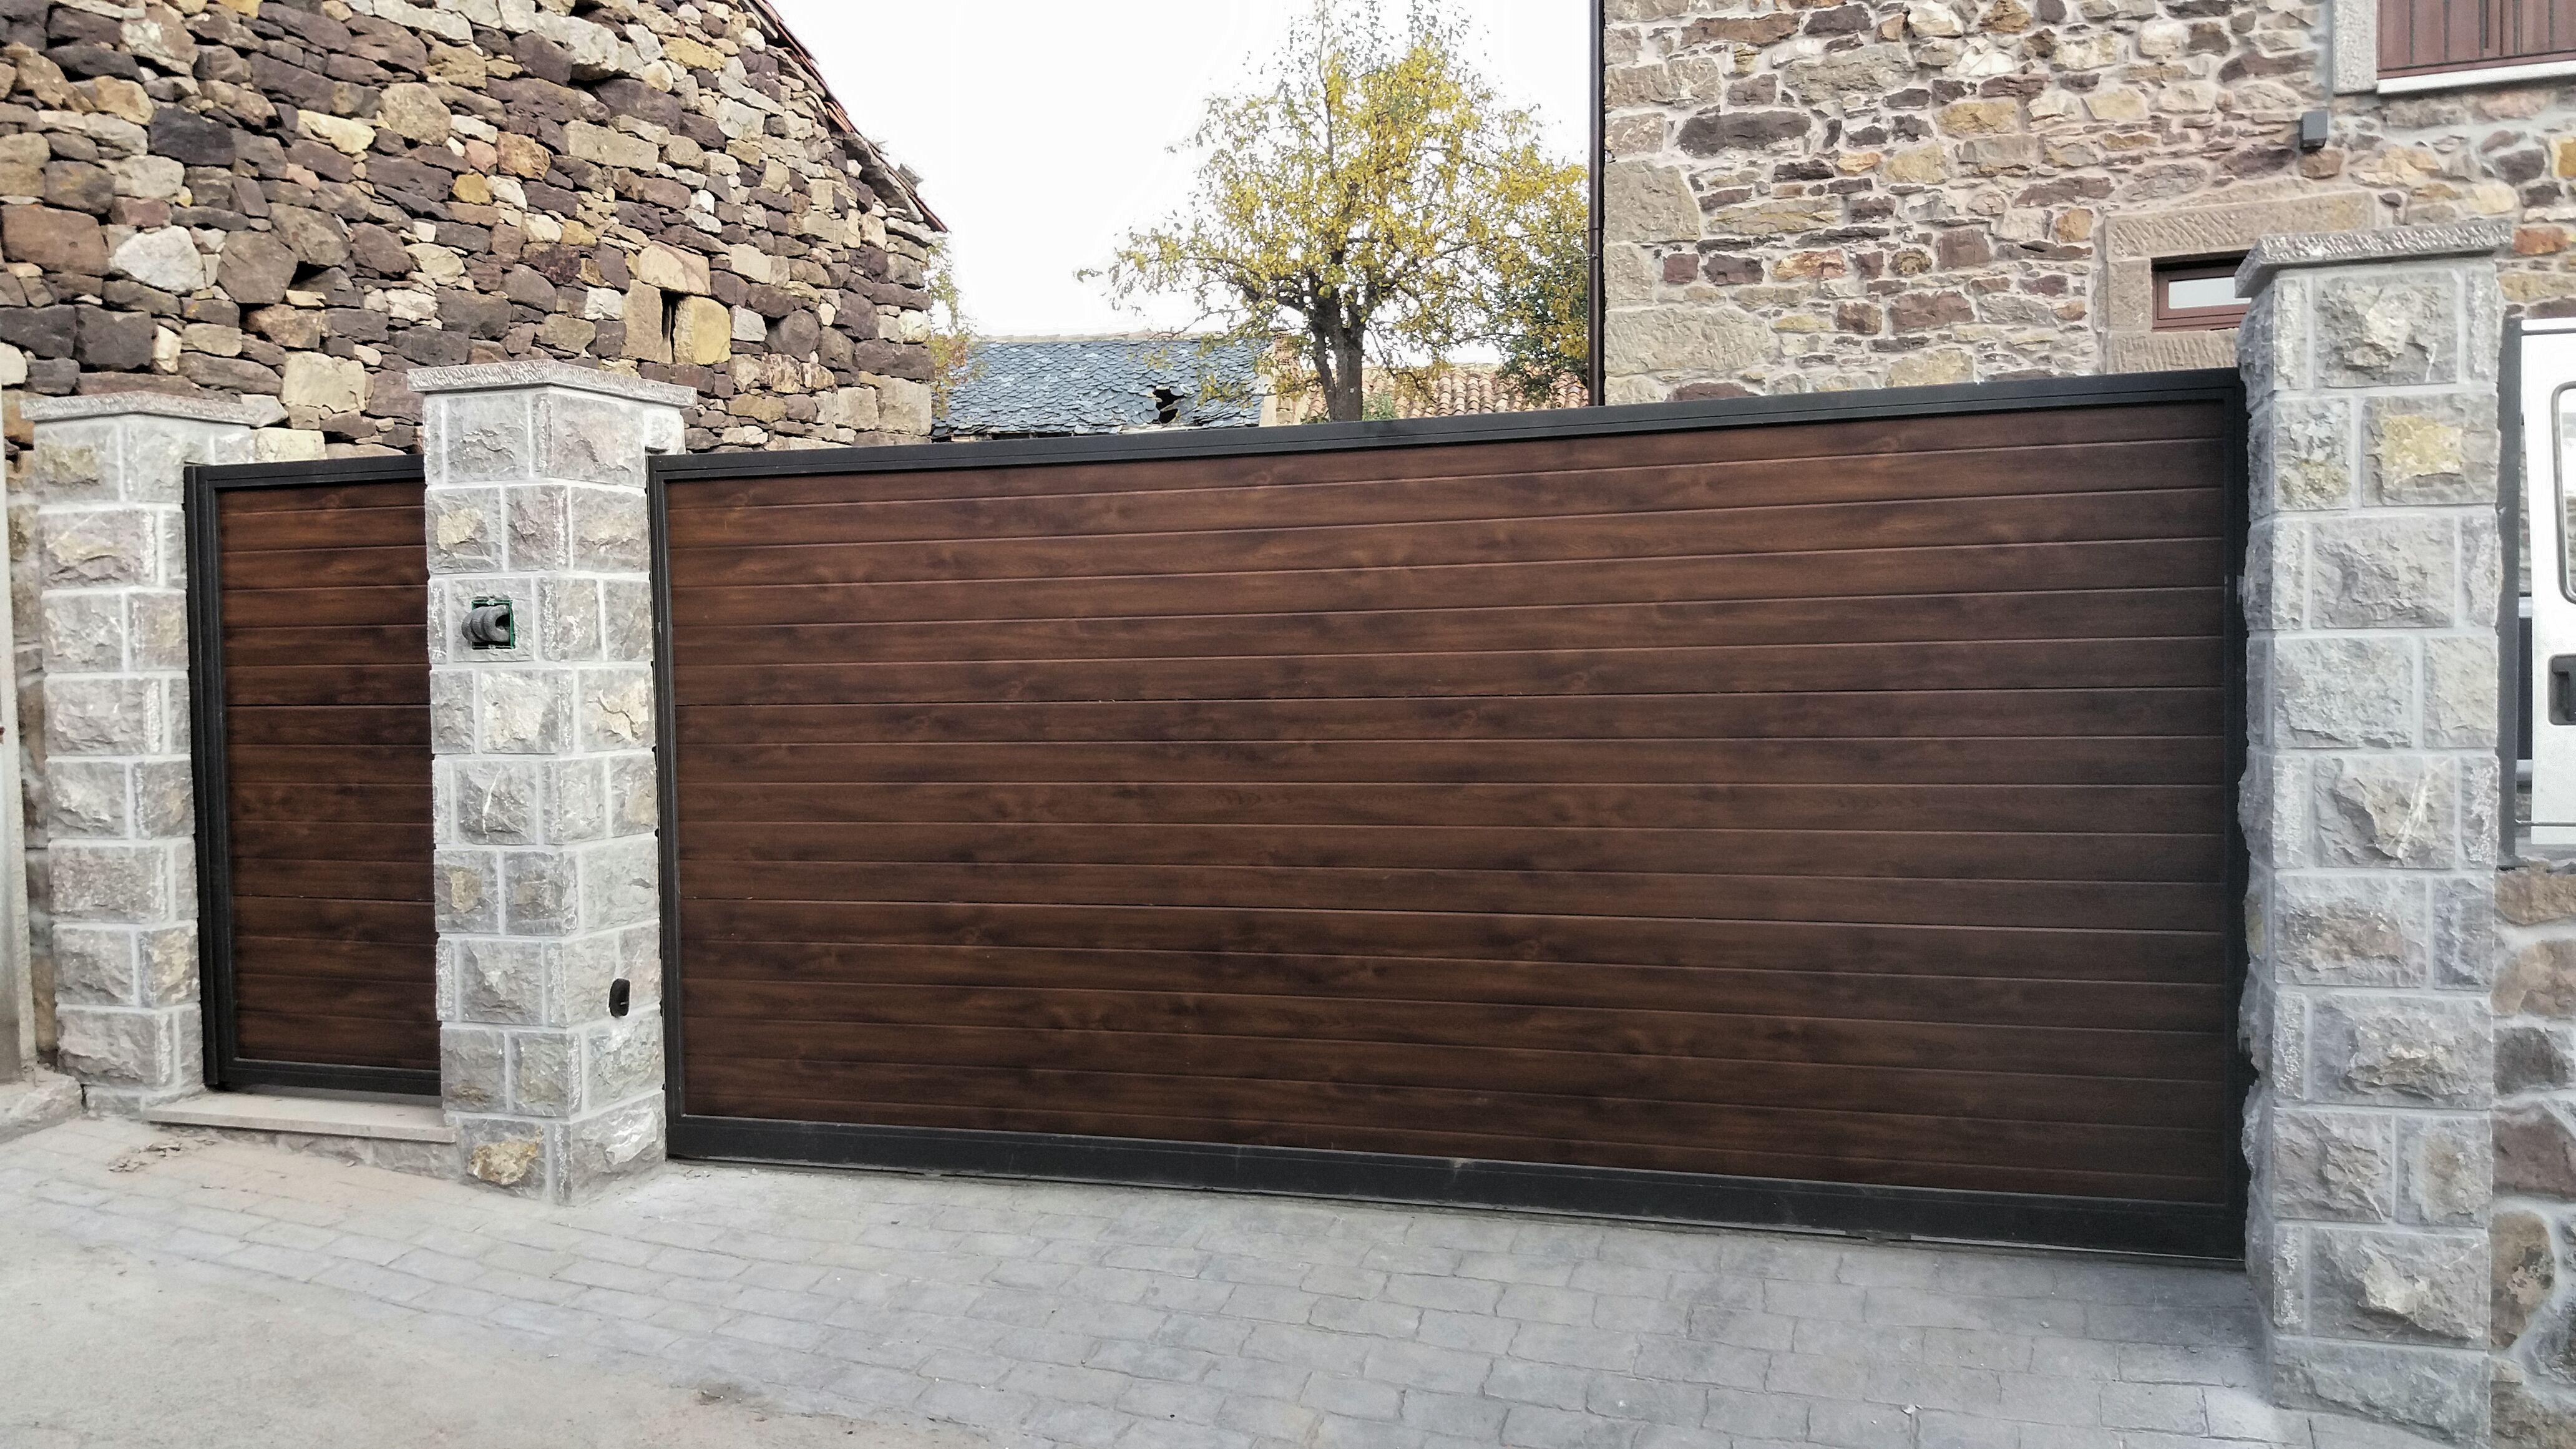 Puerta peatonal y port n de corredera acabado madera for Puertas de madera para casas de campo